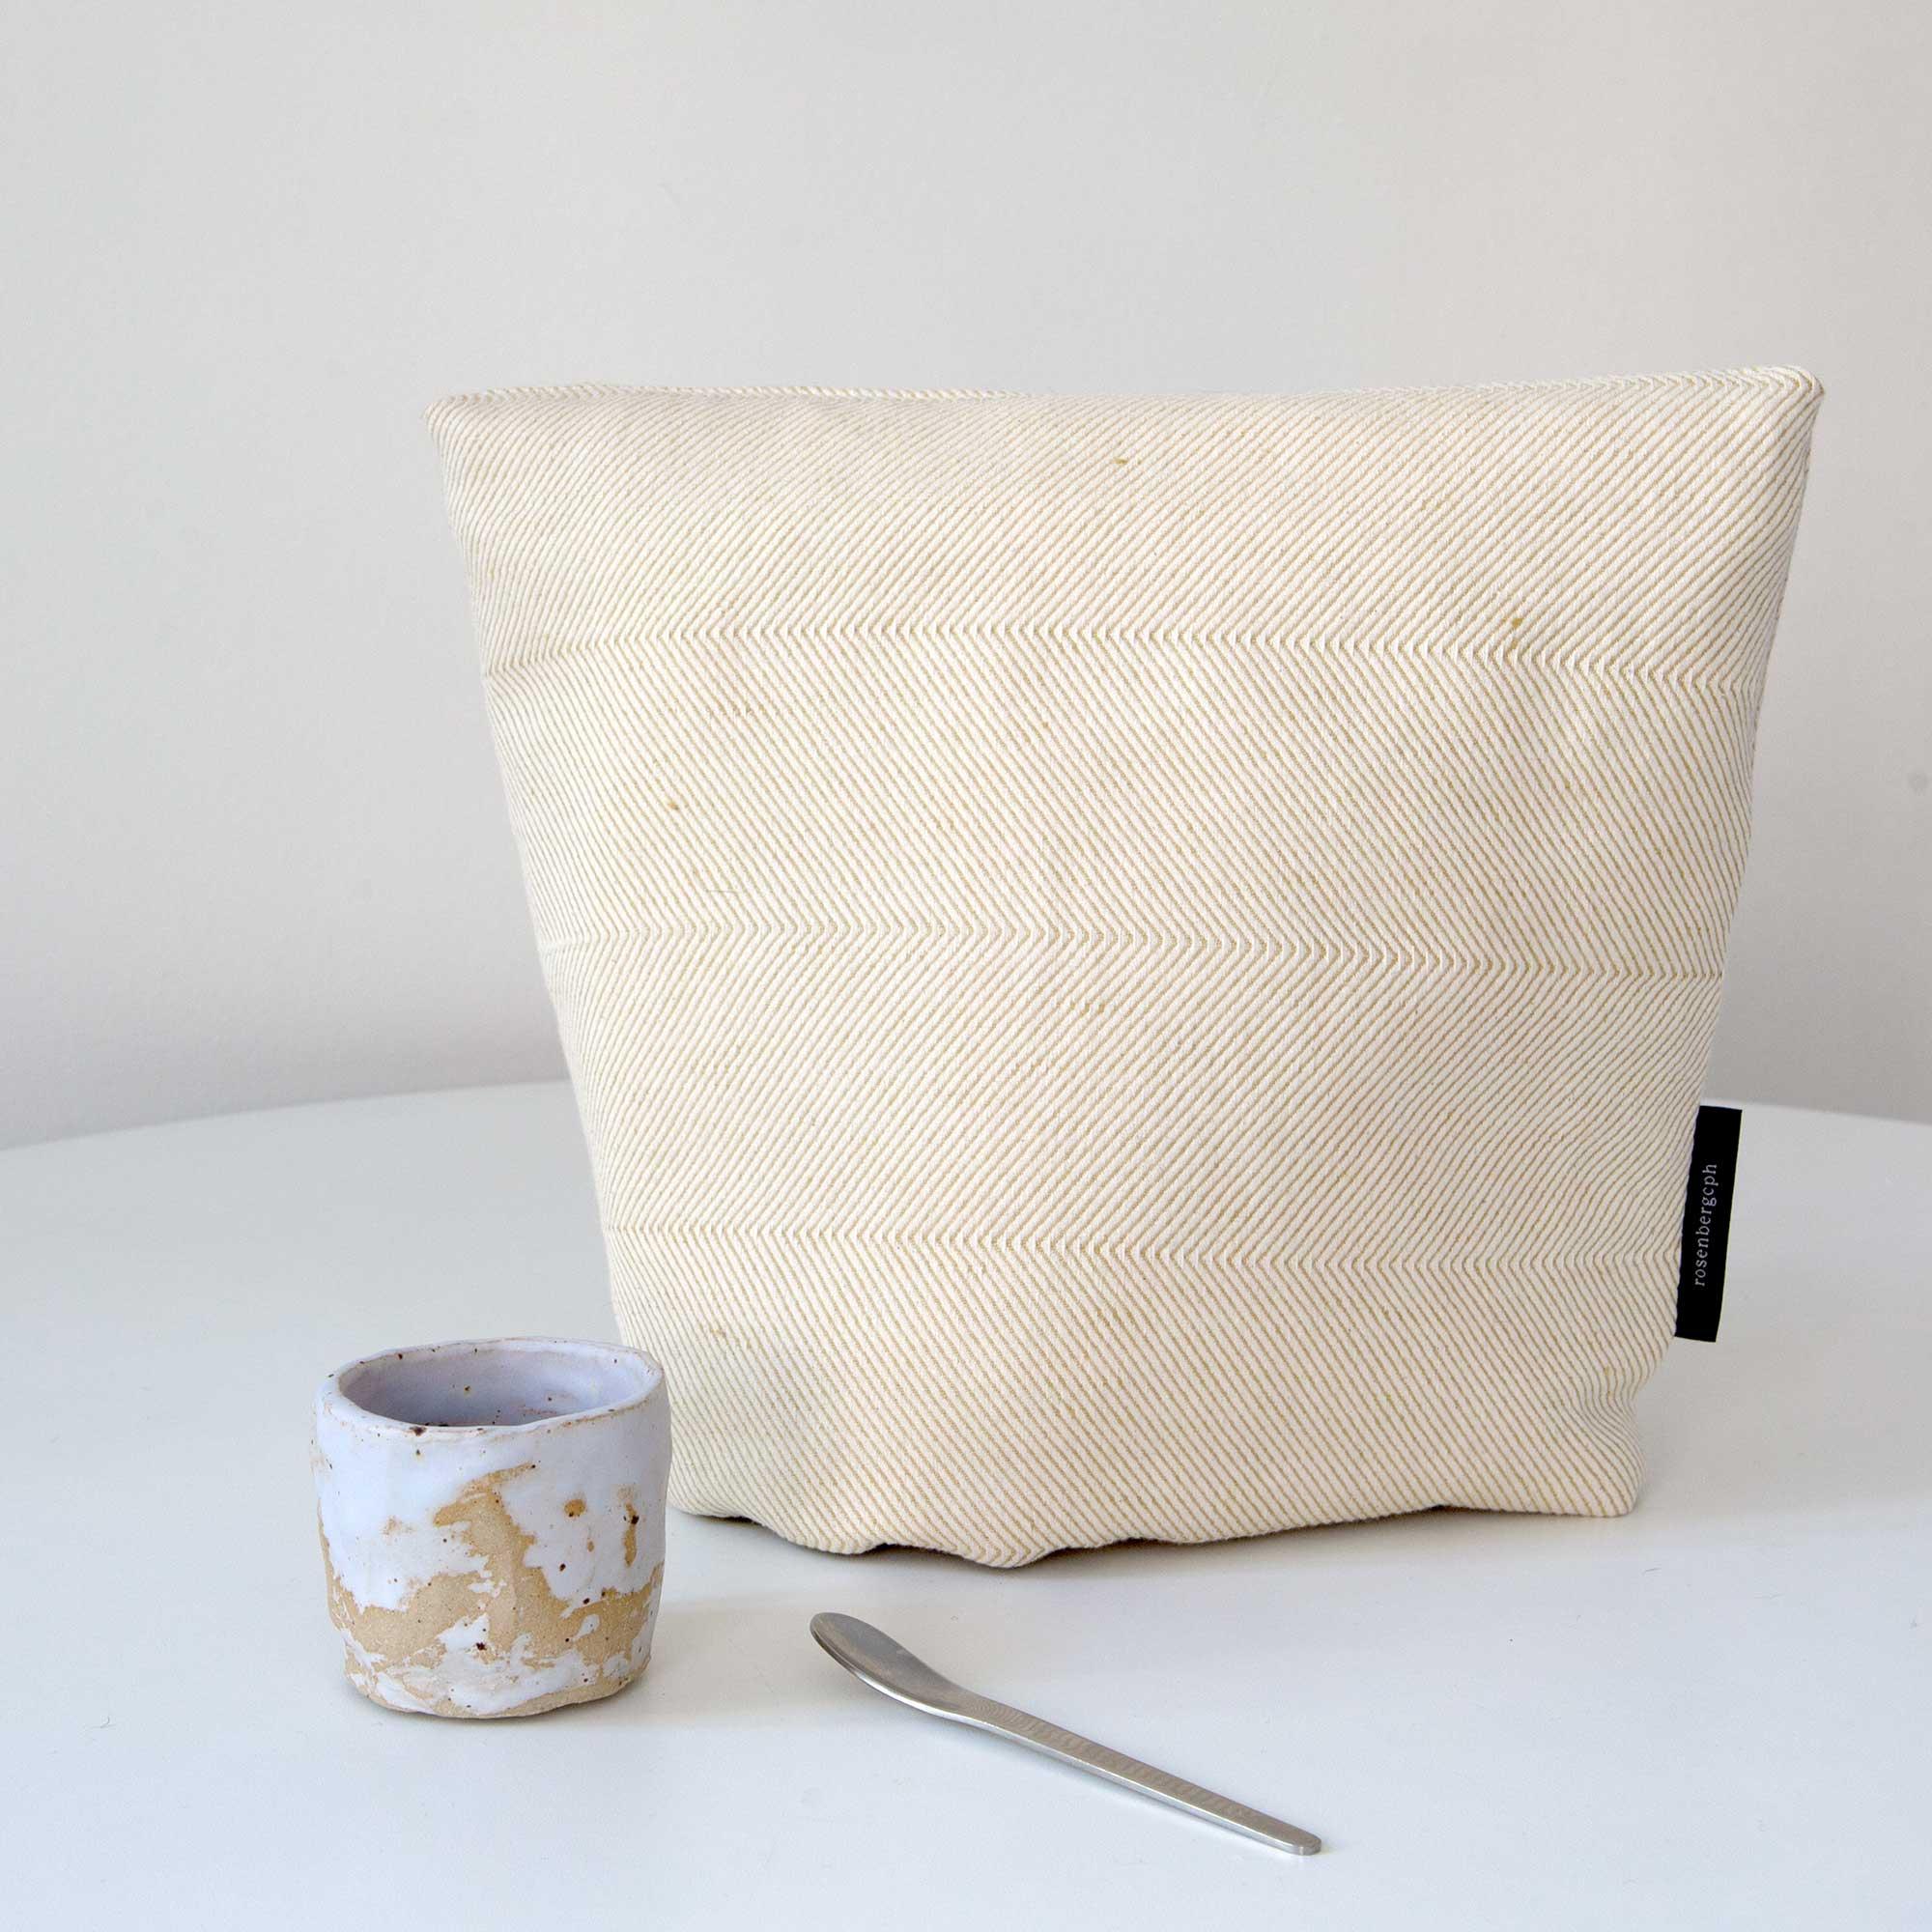 tea cosy, light hay yellow, linen/cotton, design by Anne Rosenberg, RosenbergCph